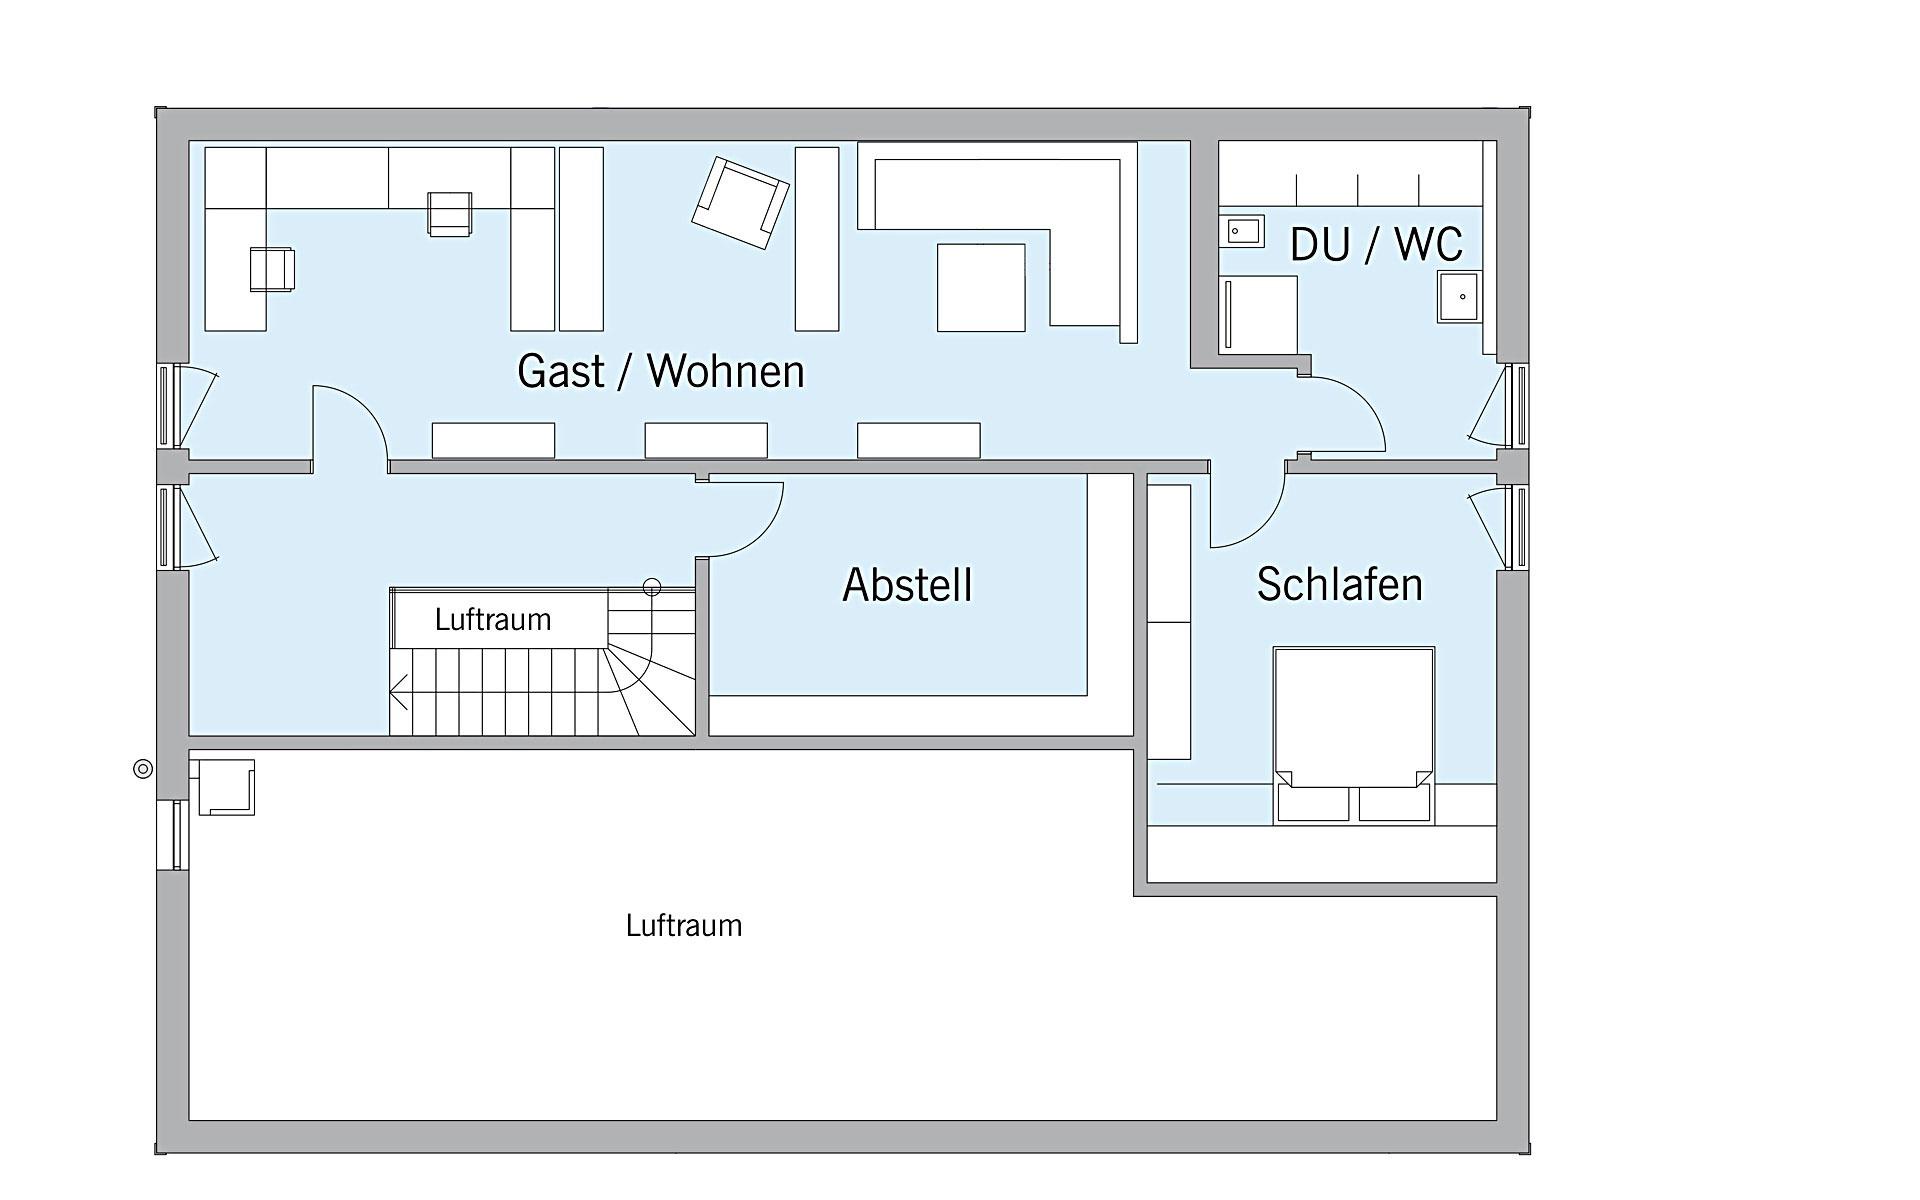 Dachgeschoss Schweiger von Bau-Fritz GmbH & Co. KG, seit 1896